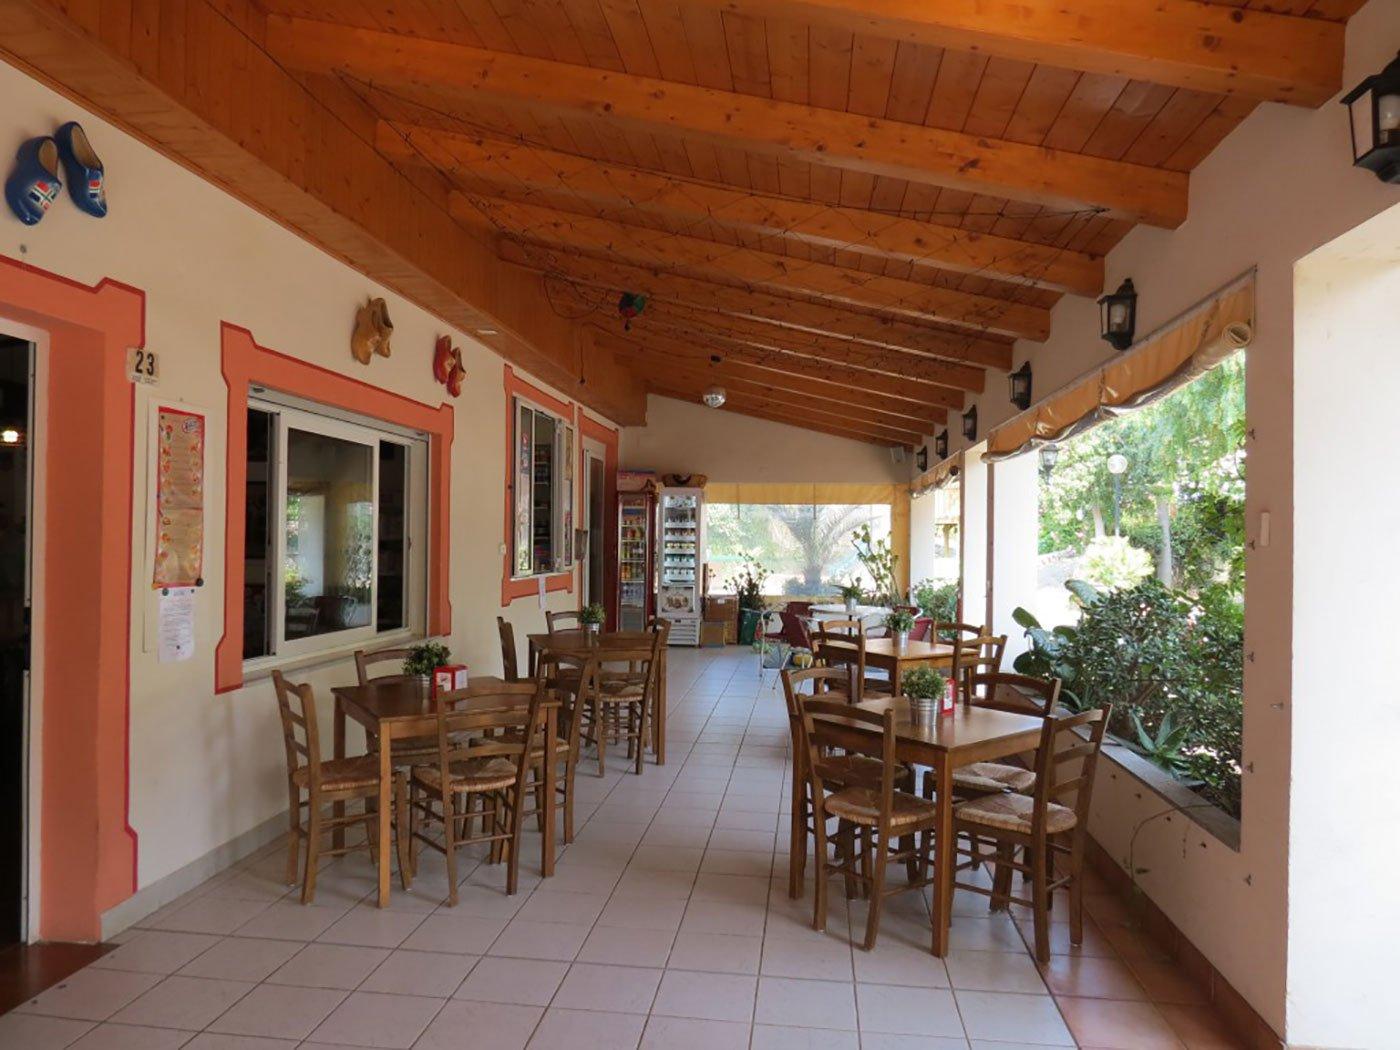 dei tavoli e delle sedie all'esterno sotto un tetto in legno